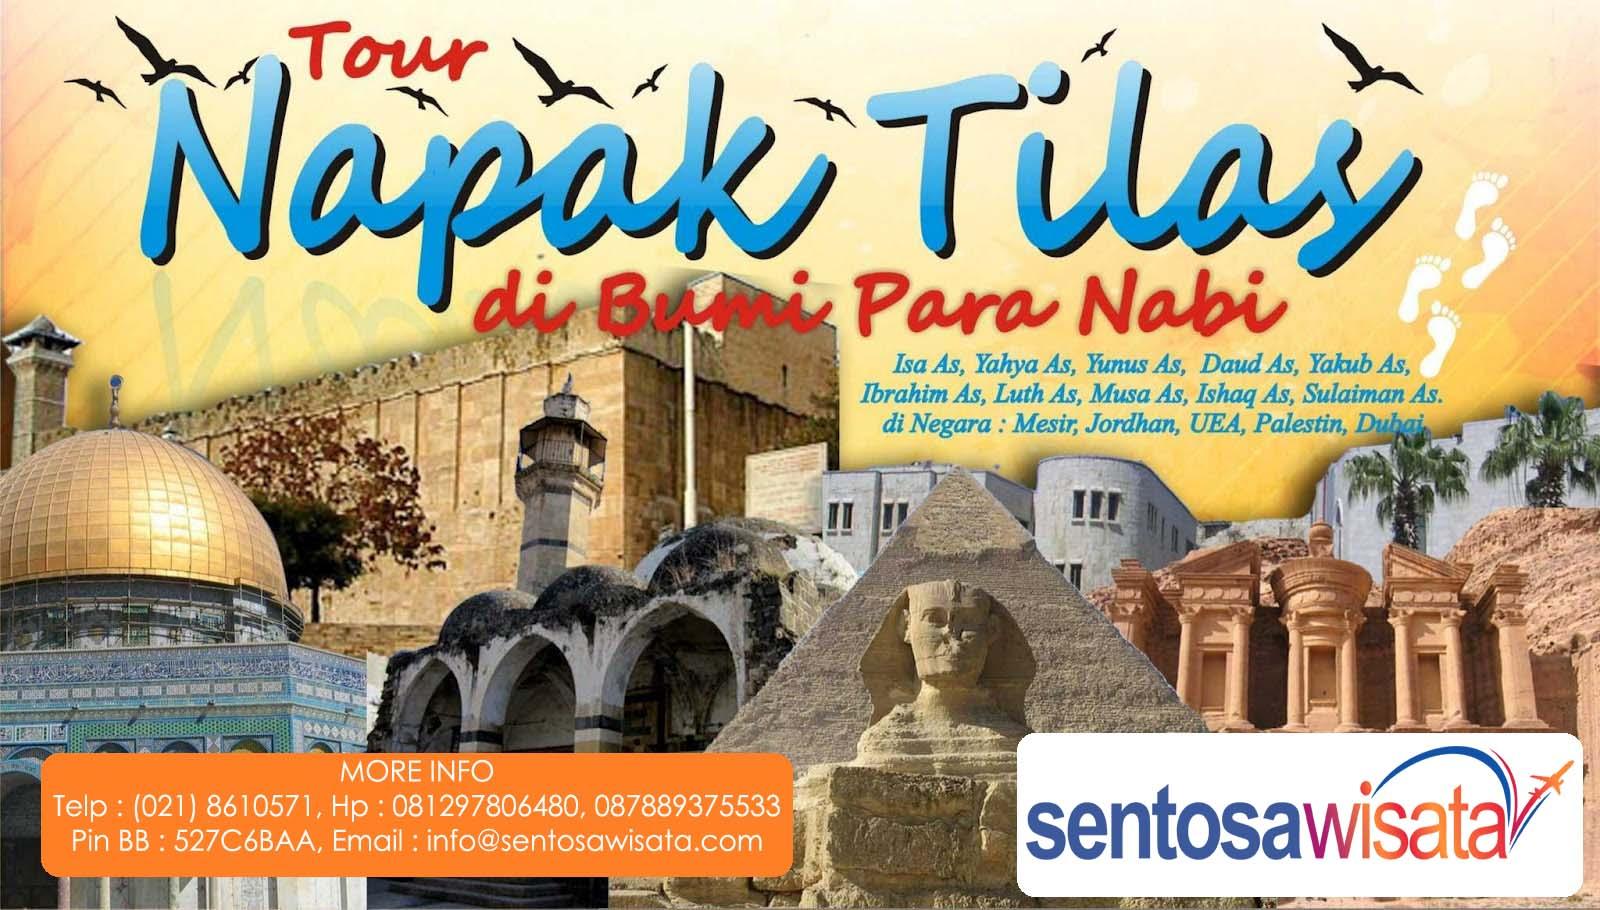 Paket Tour Napak Tilas Nabi di Mesir Palestina Jodania Arab